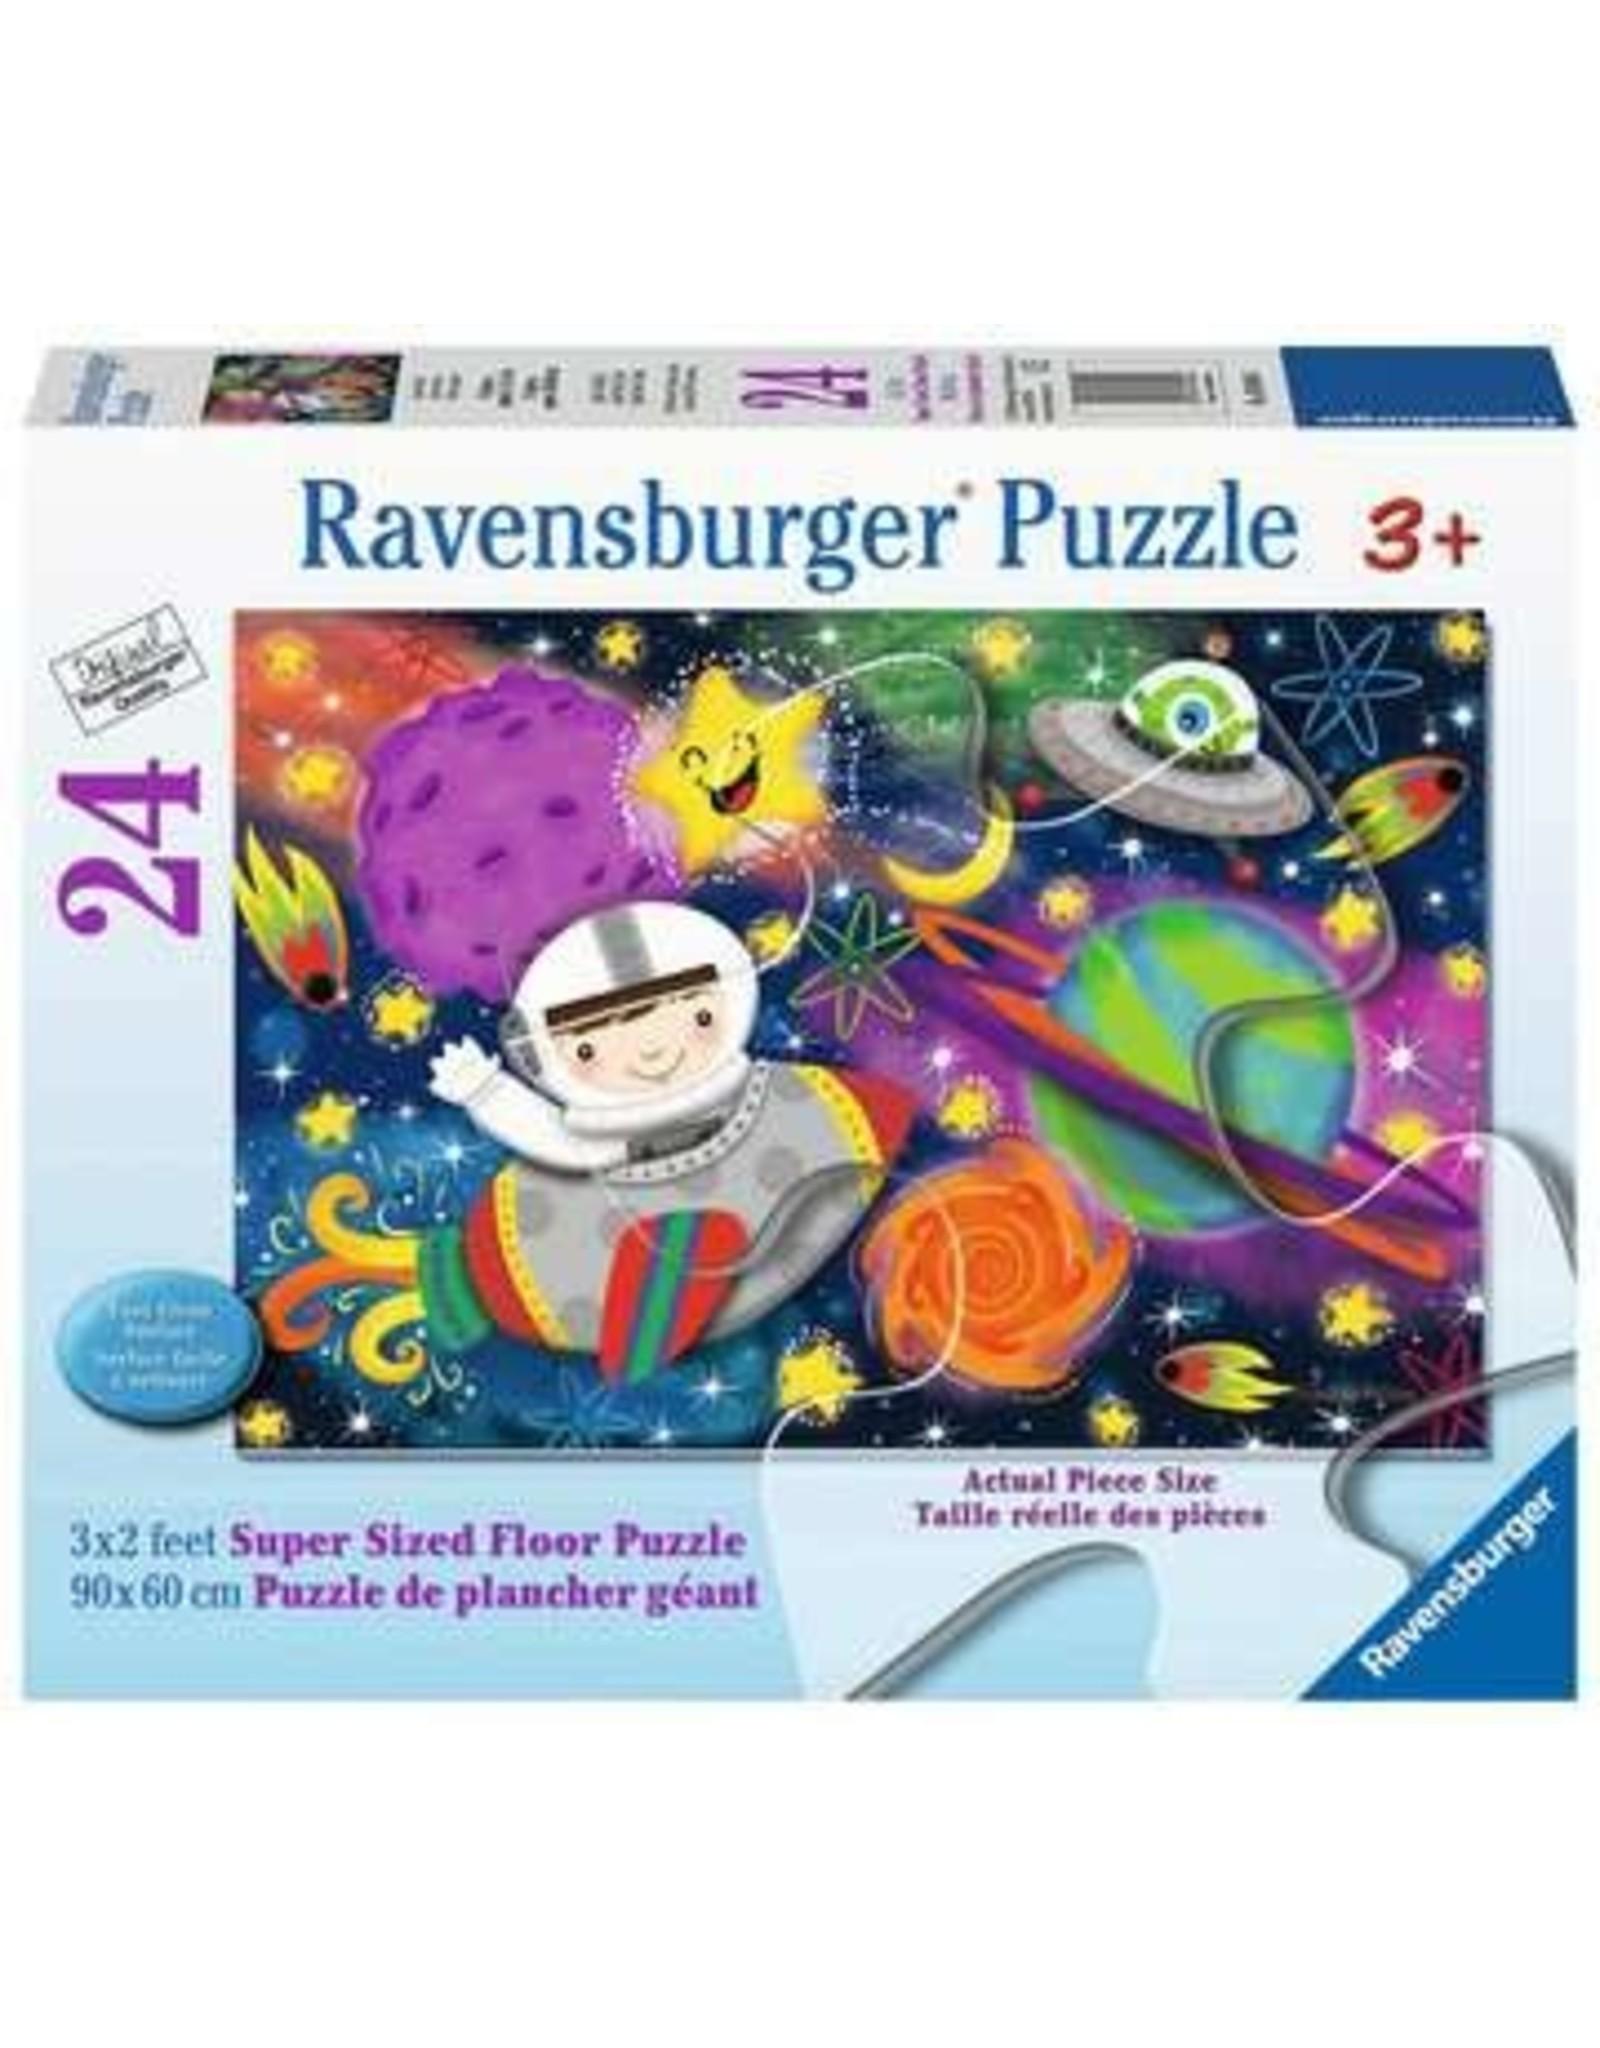 Space Rocket 24 piece floor puzzle